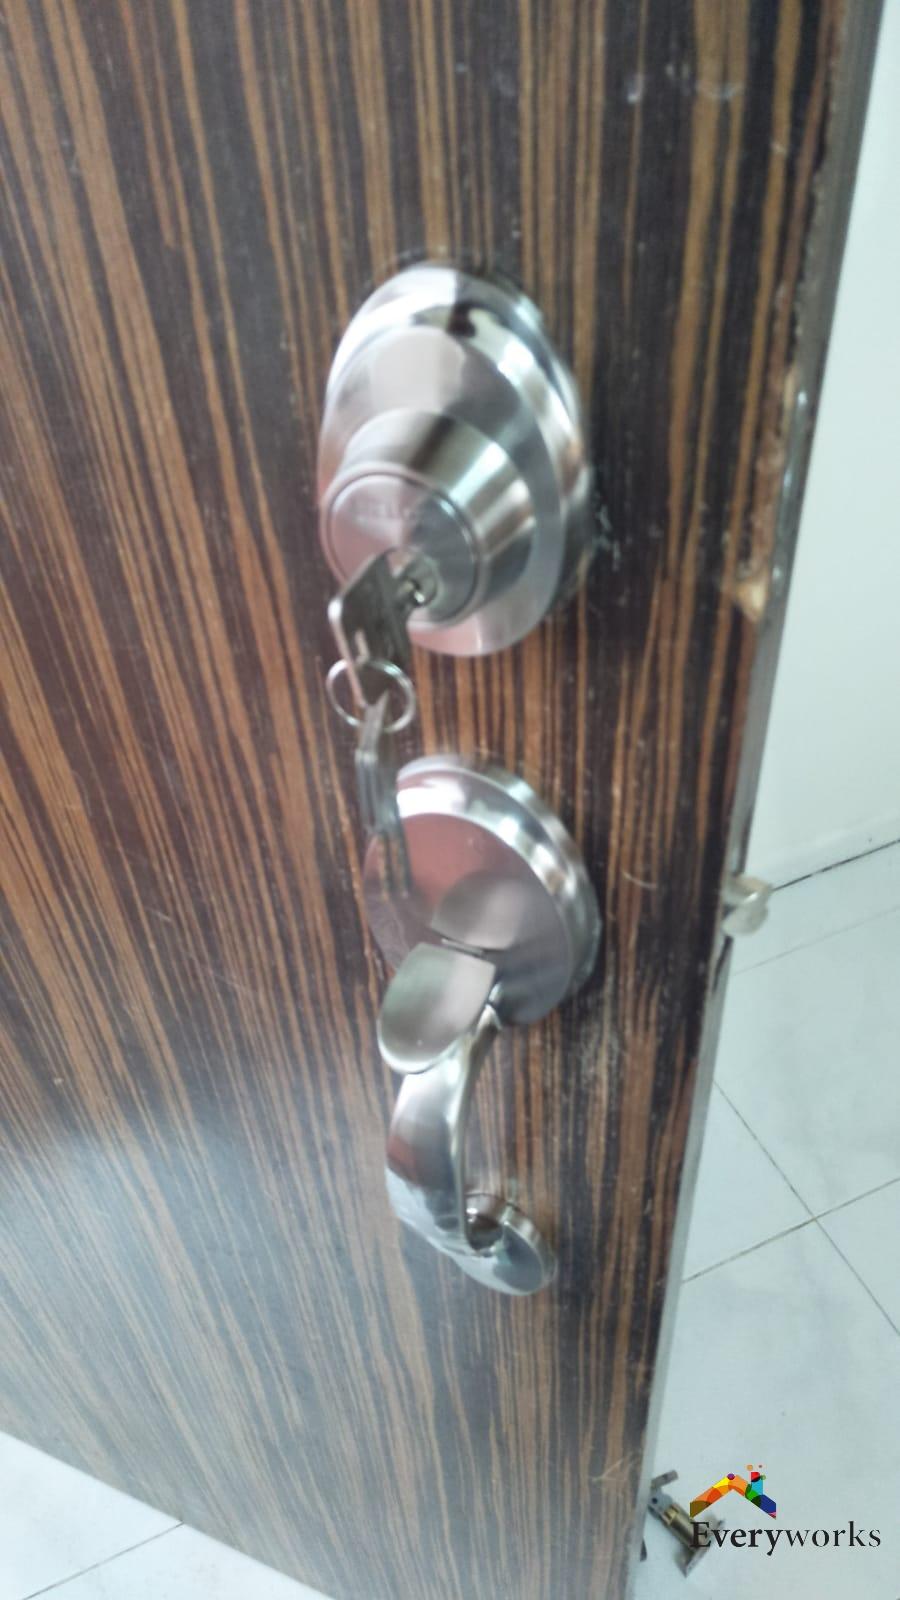 common-room-door-lock-replacement-singapore-condo-marine-parade_wm